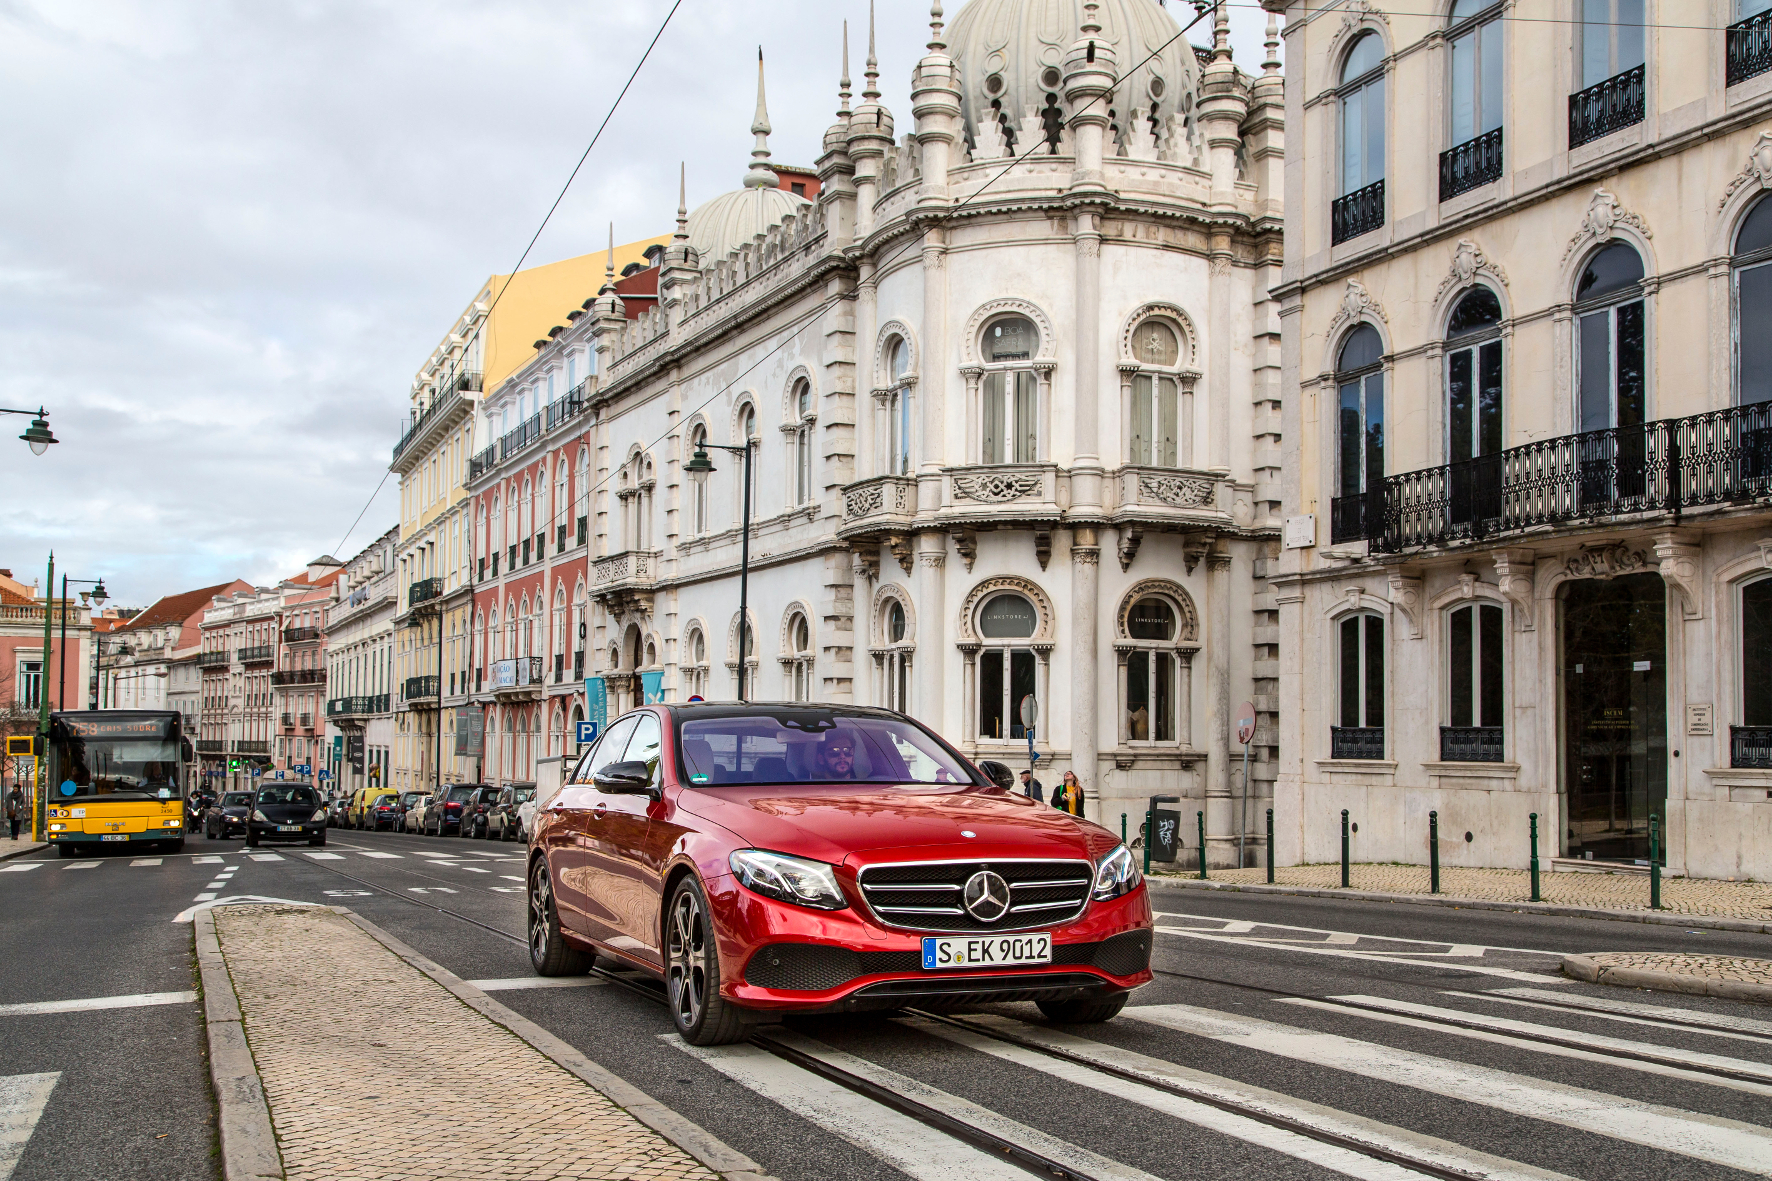 mid Groß-Gerau - Nicht immer auf Kurs: Fahrbahnmarkierungen stellen bei schneller Autobahnfahrt ein Problem für den Spur-Assistenten der Mercedes E-Klasse dar.